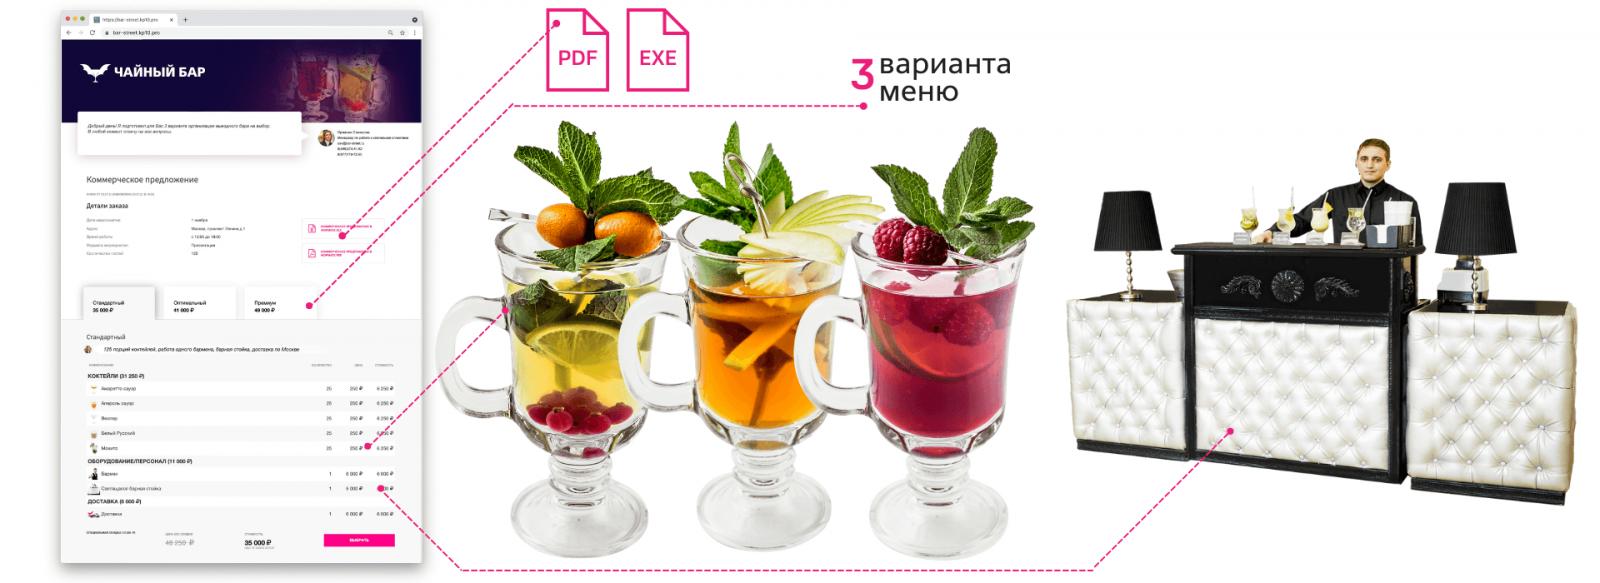 Коммерческое предложение чайный бар